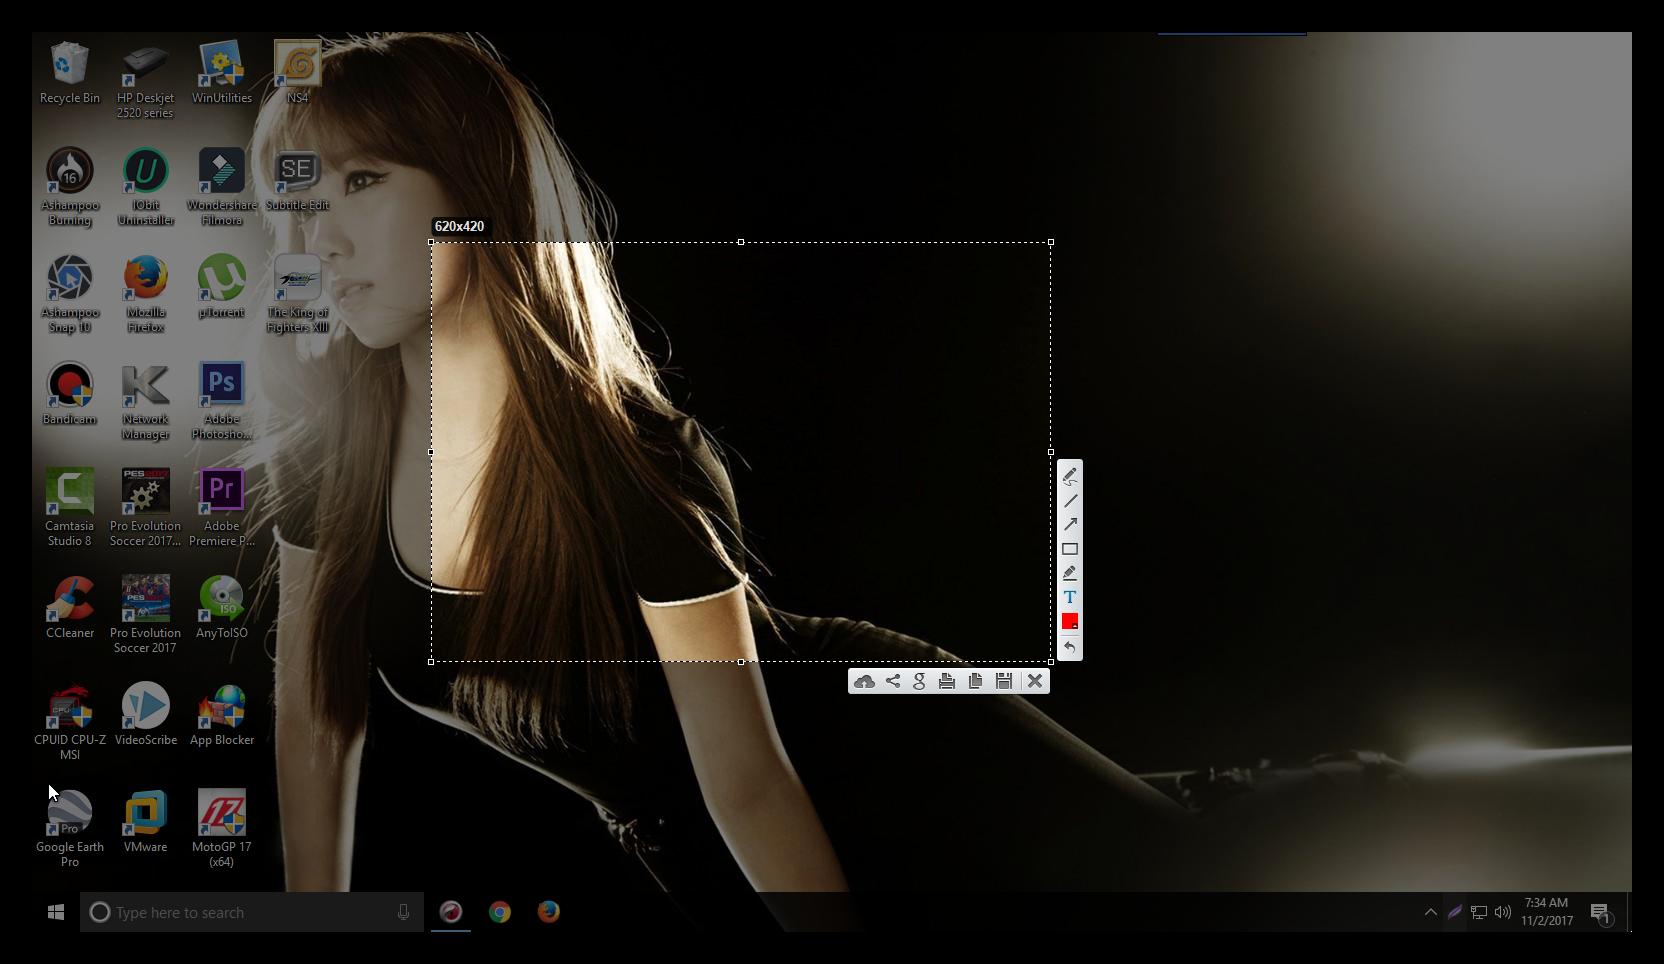 Ligshtshot Screen Capture